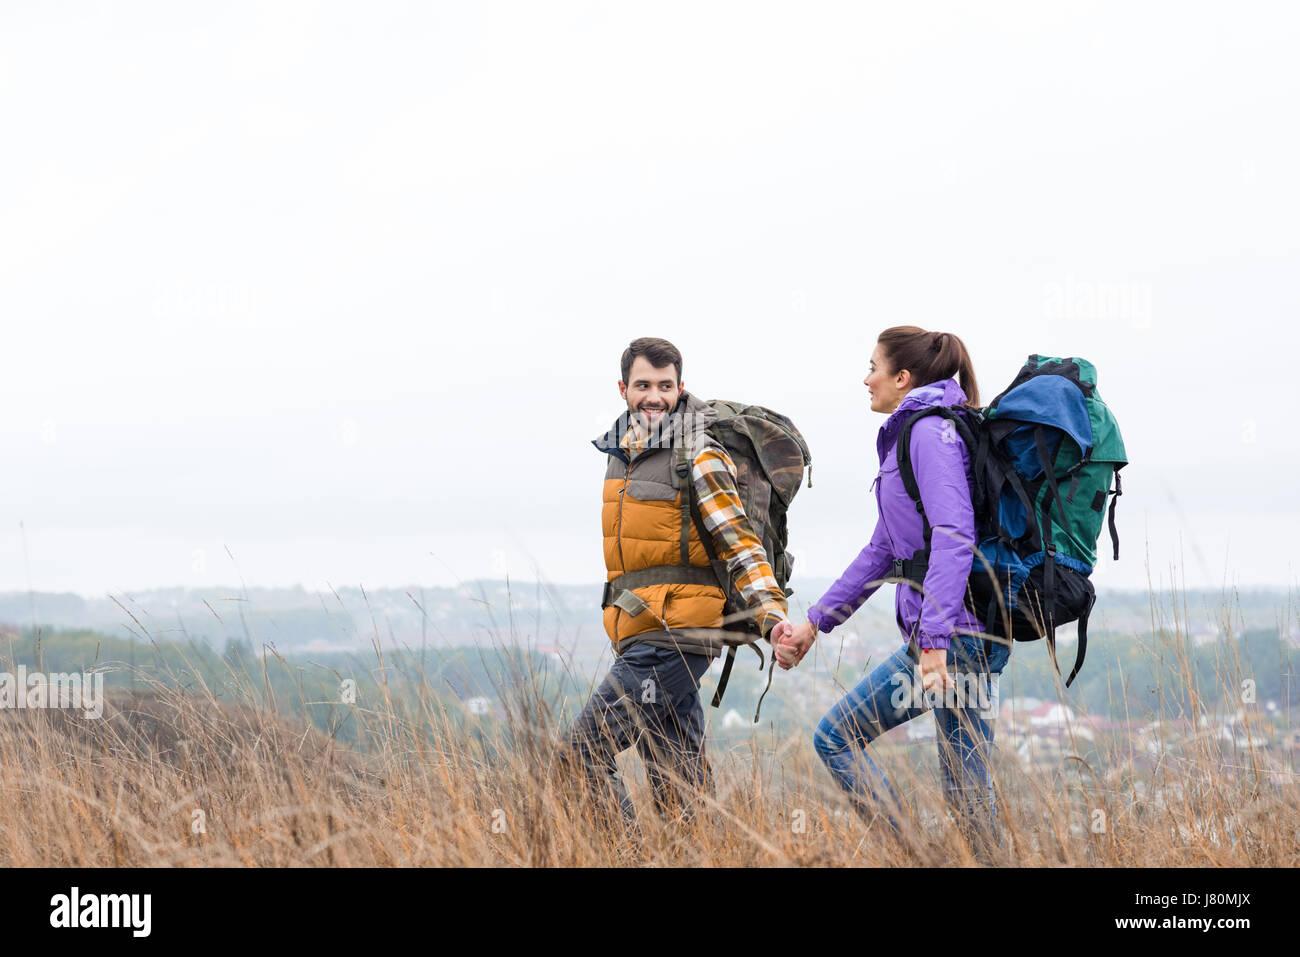 Young smiling couple avec sacs à dos se tenant la main et marcher dans l'herbe haute en zone rurale Photo Stock